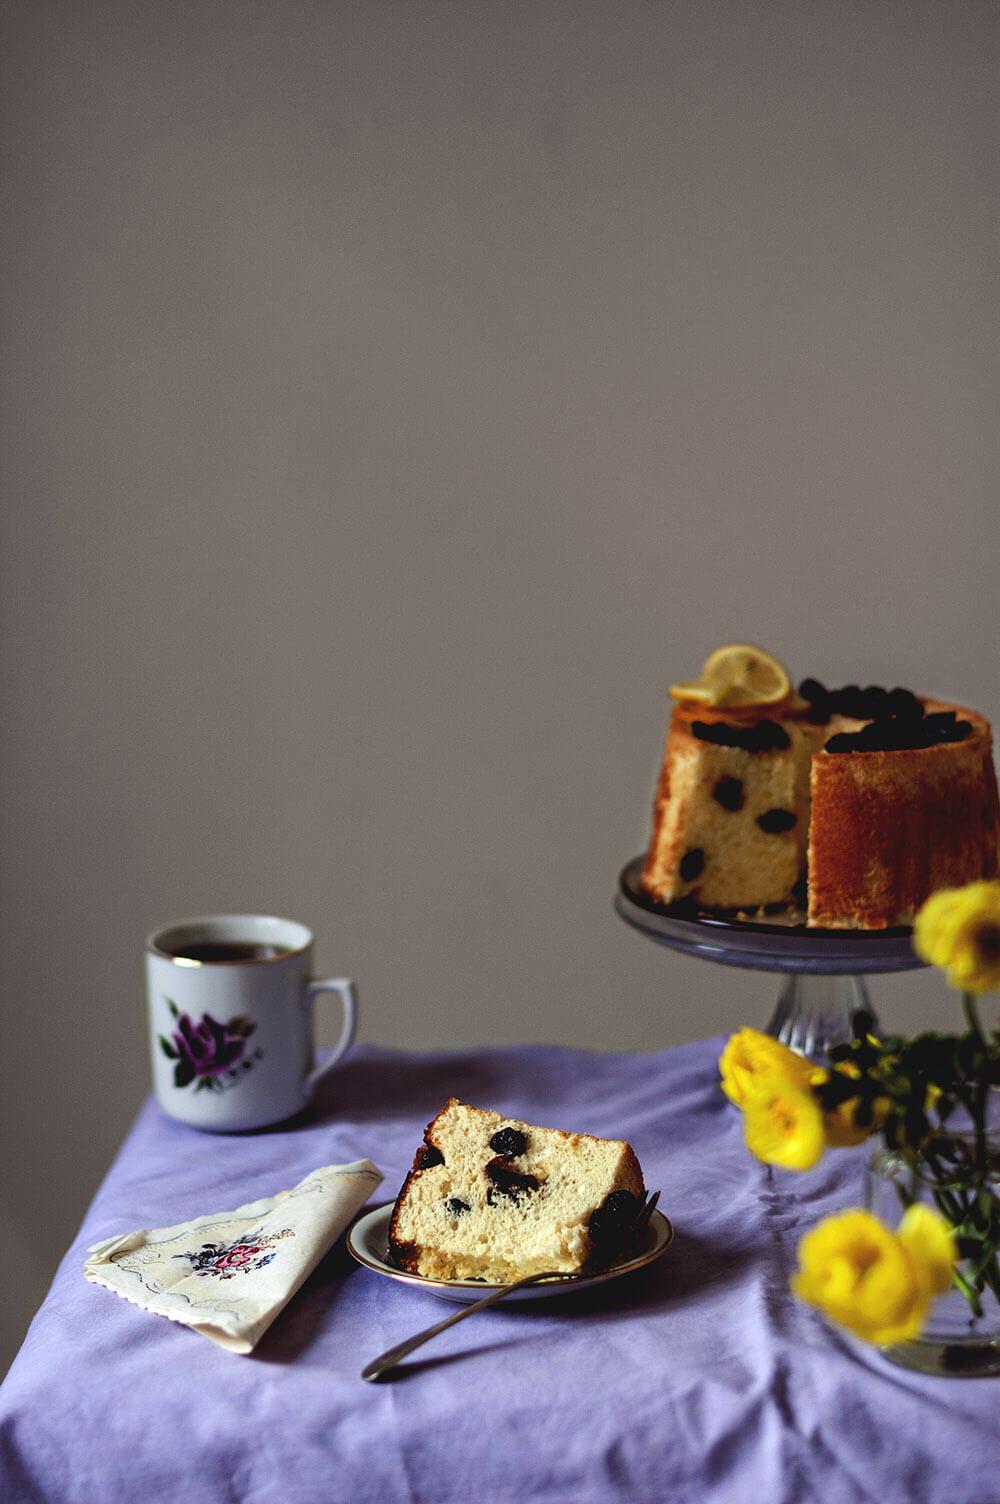 fotografia chiffon cake de limon y arandanos